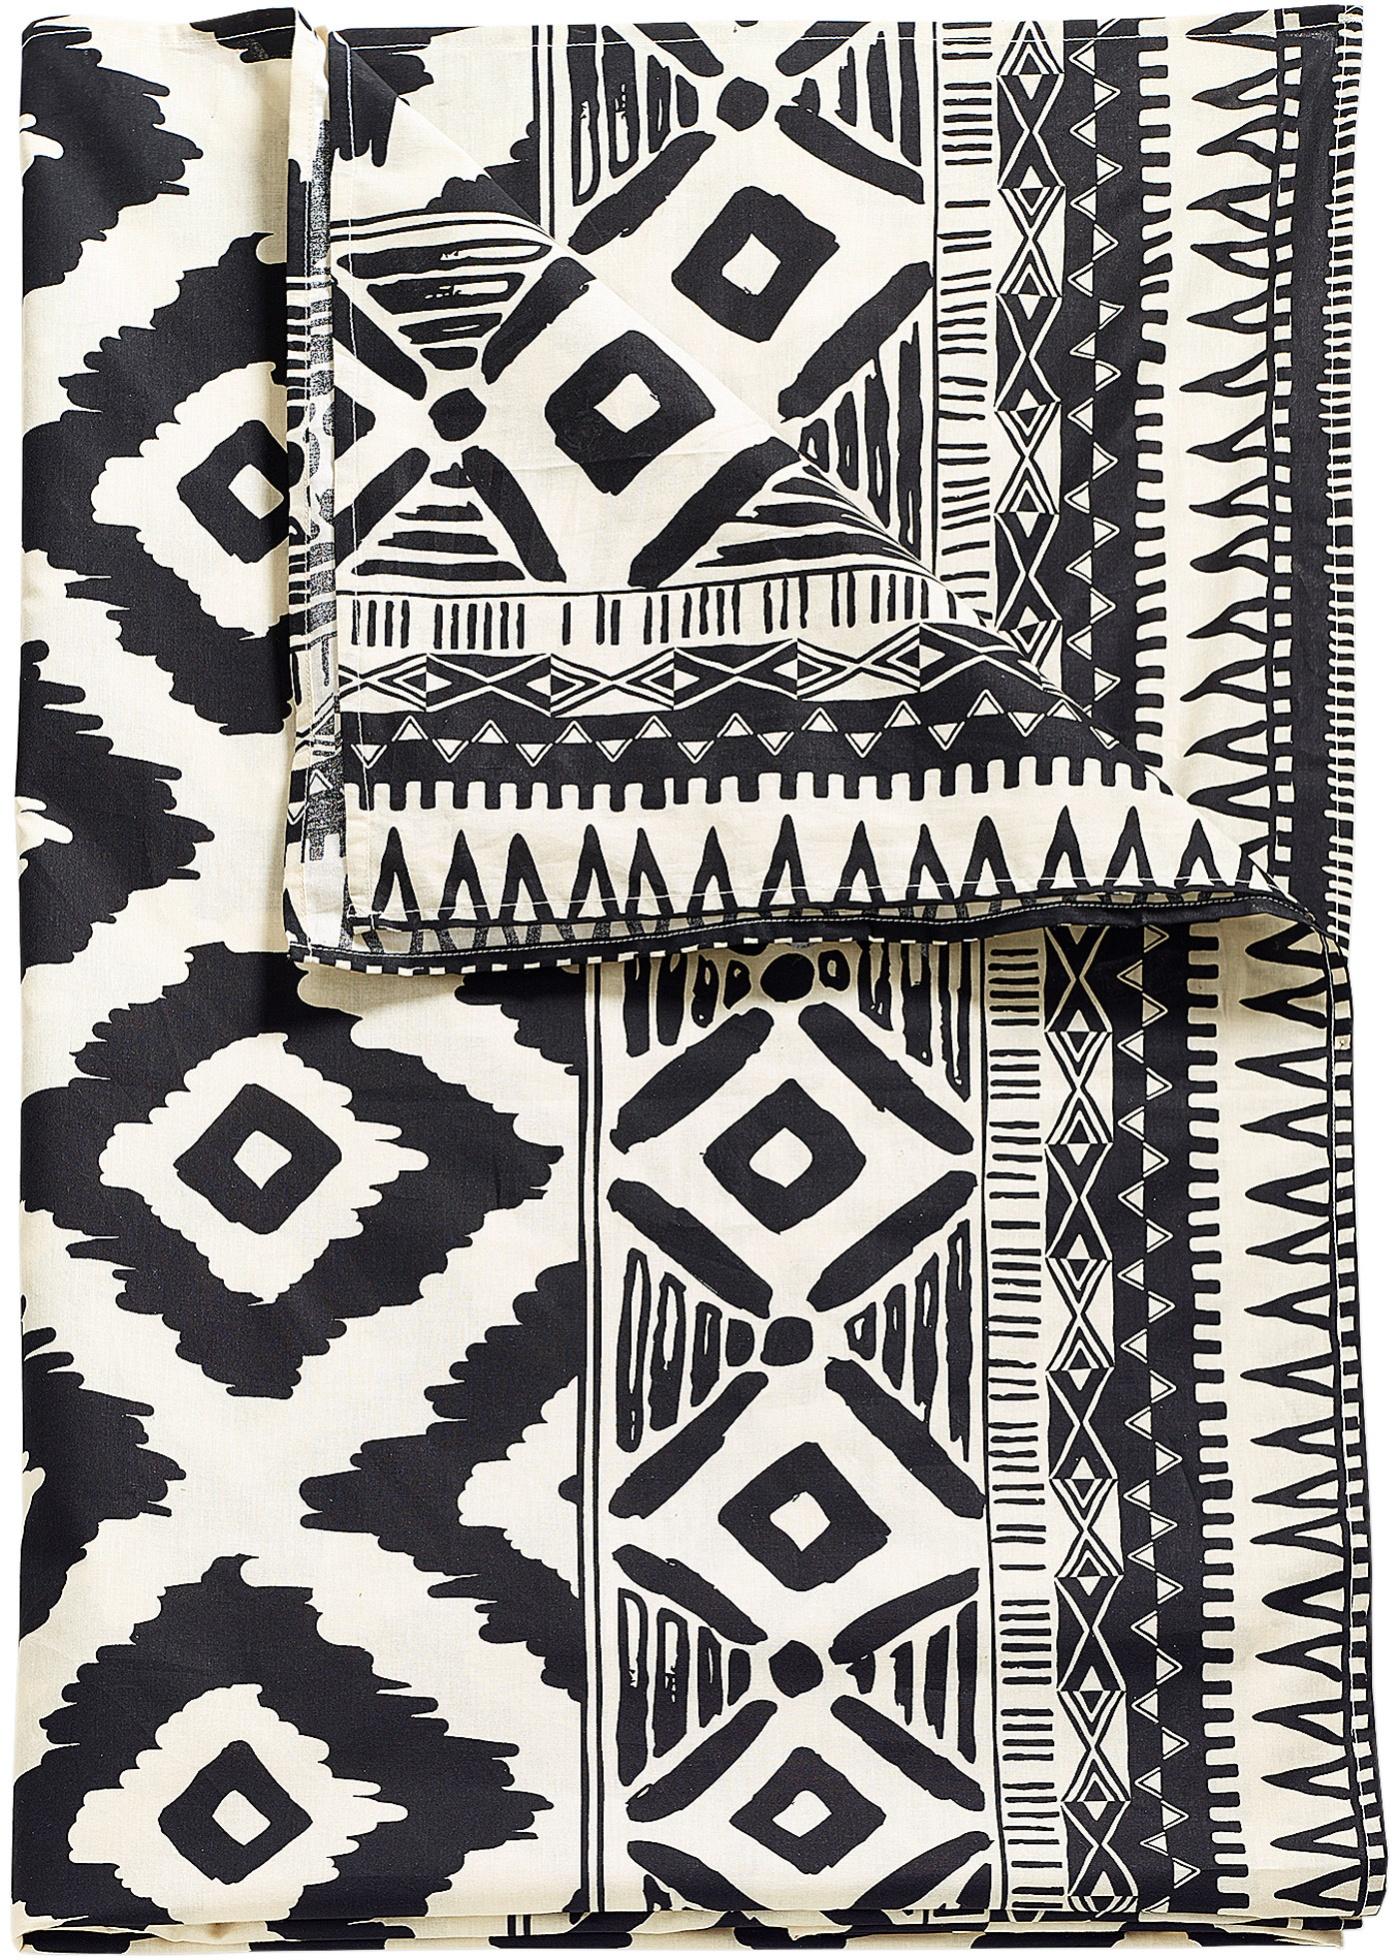 jet de canap fauteuil linge de maison maison et. Black Bedroom Furniture Sets. Home Design Ideas